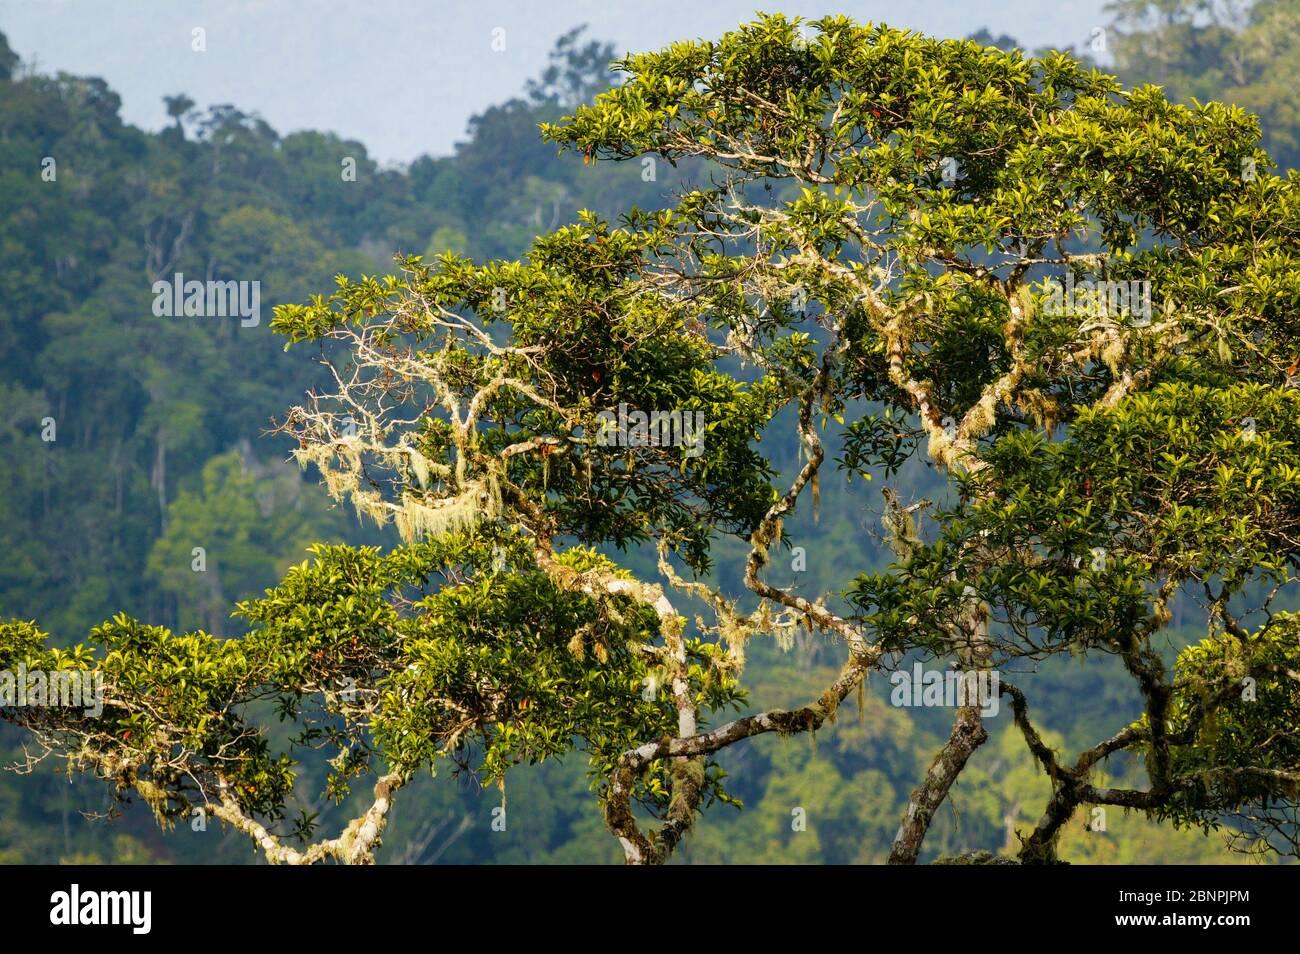 De magnifiques arbres de forêt tropicale à Cerro Pirre, parc national de Darien, province de Darien, République du Panama. Banque D'Images